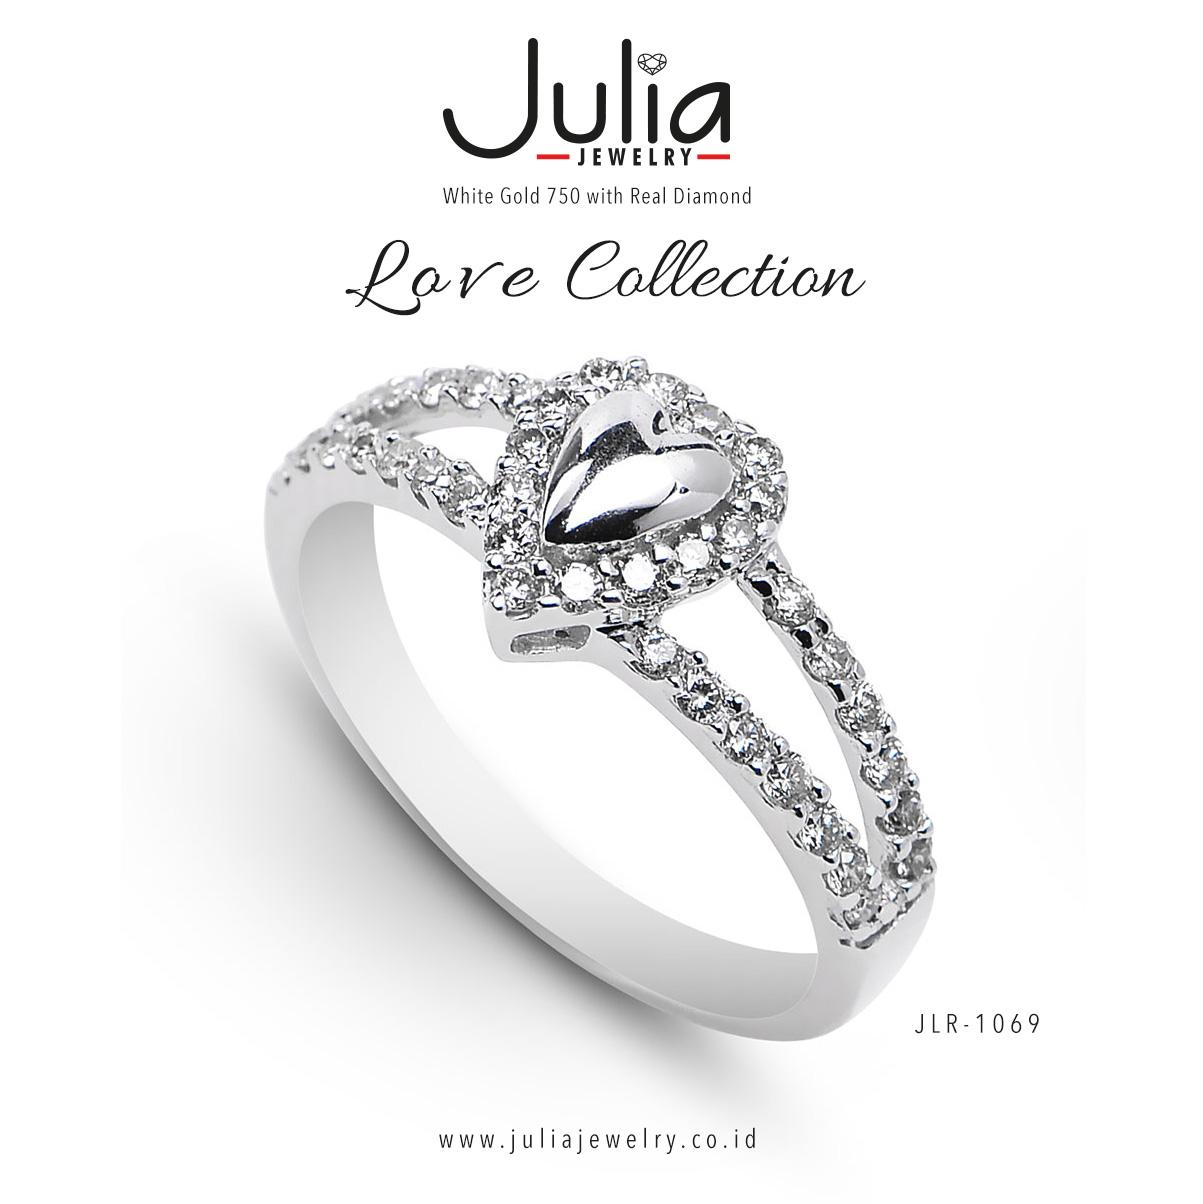 Julia Jewelry Wedding Jewelry in Jakarta Bridestorycom